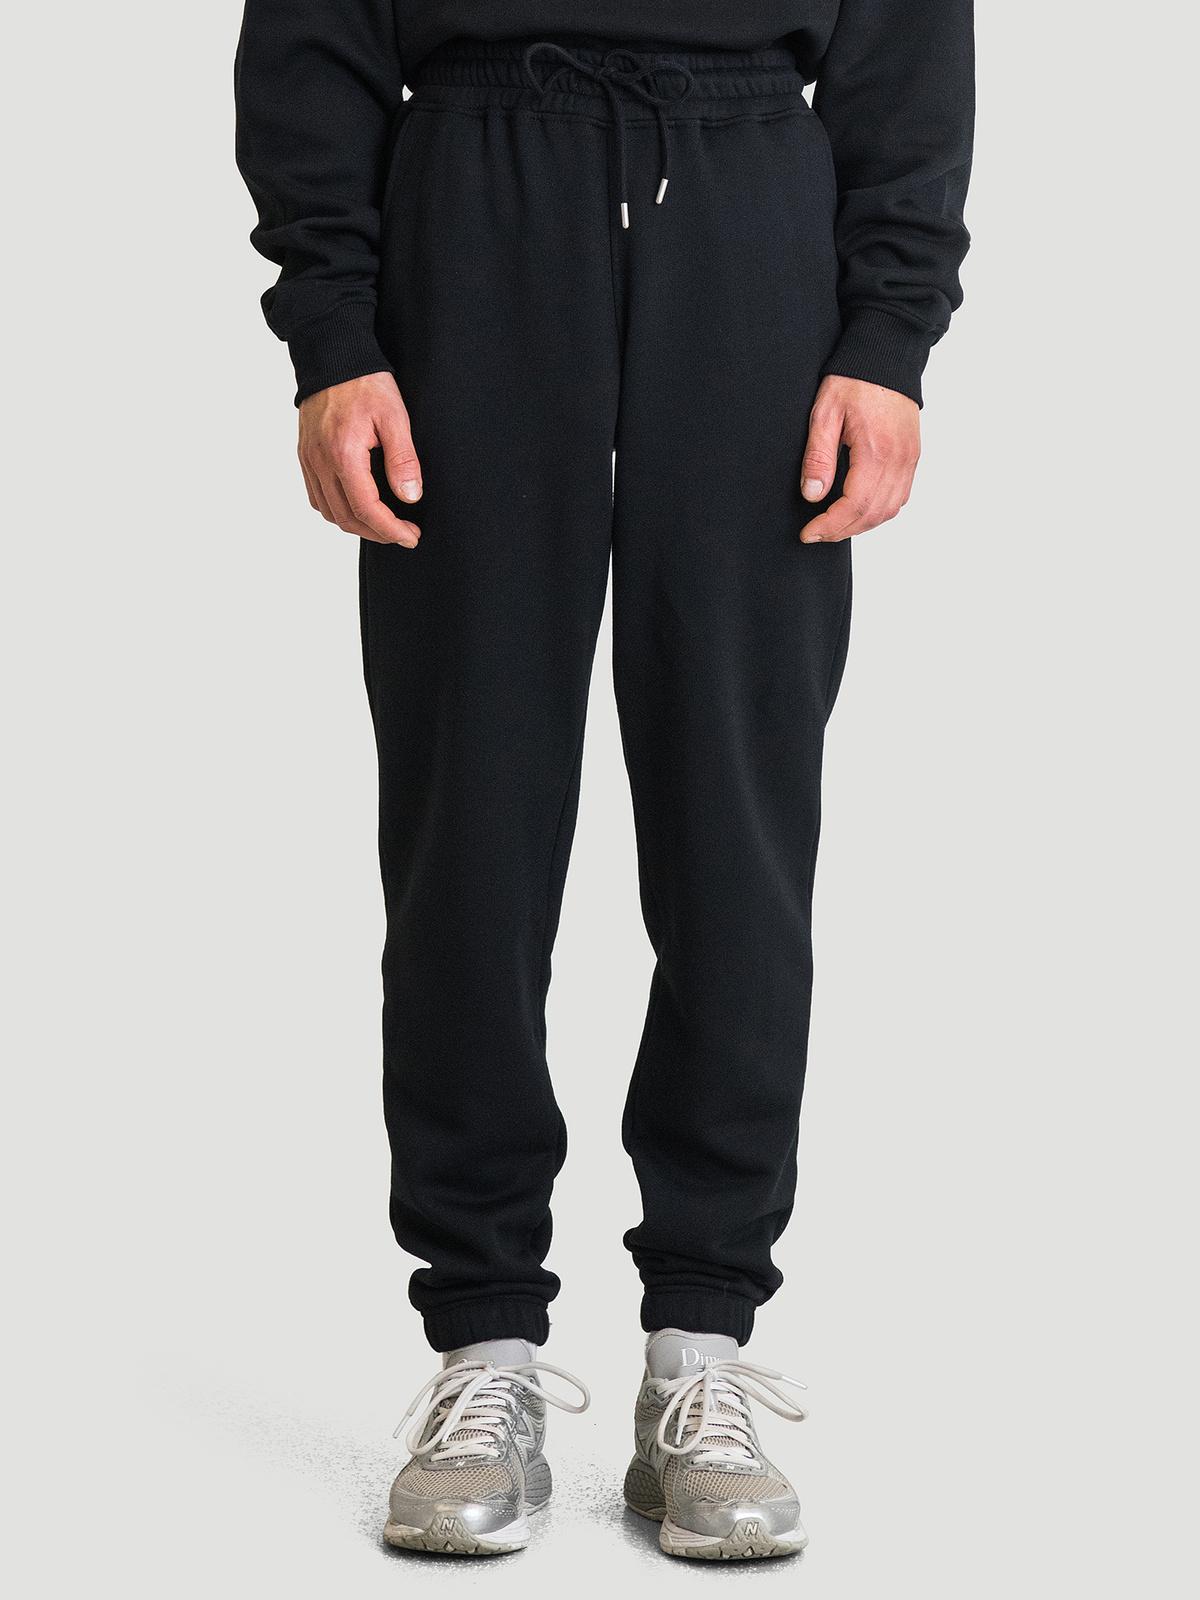 Hanger Trousers Black 5